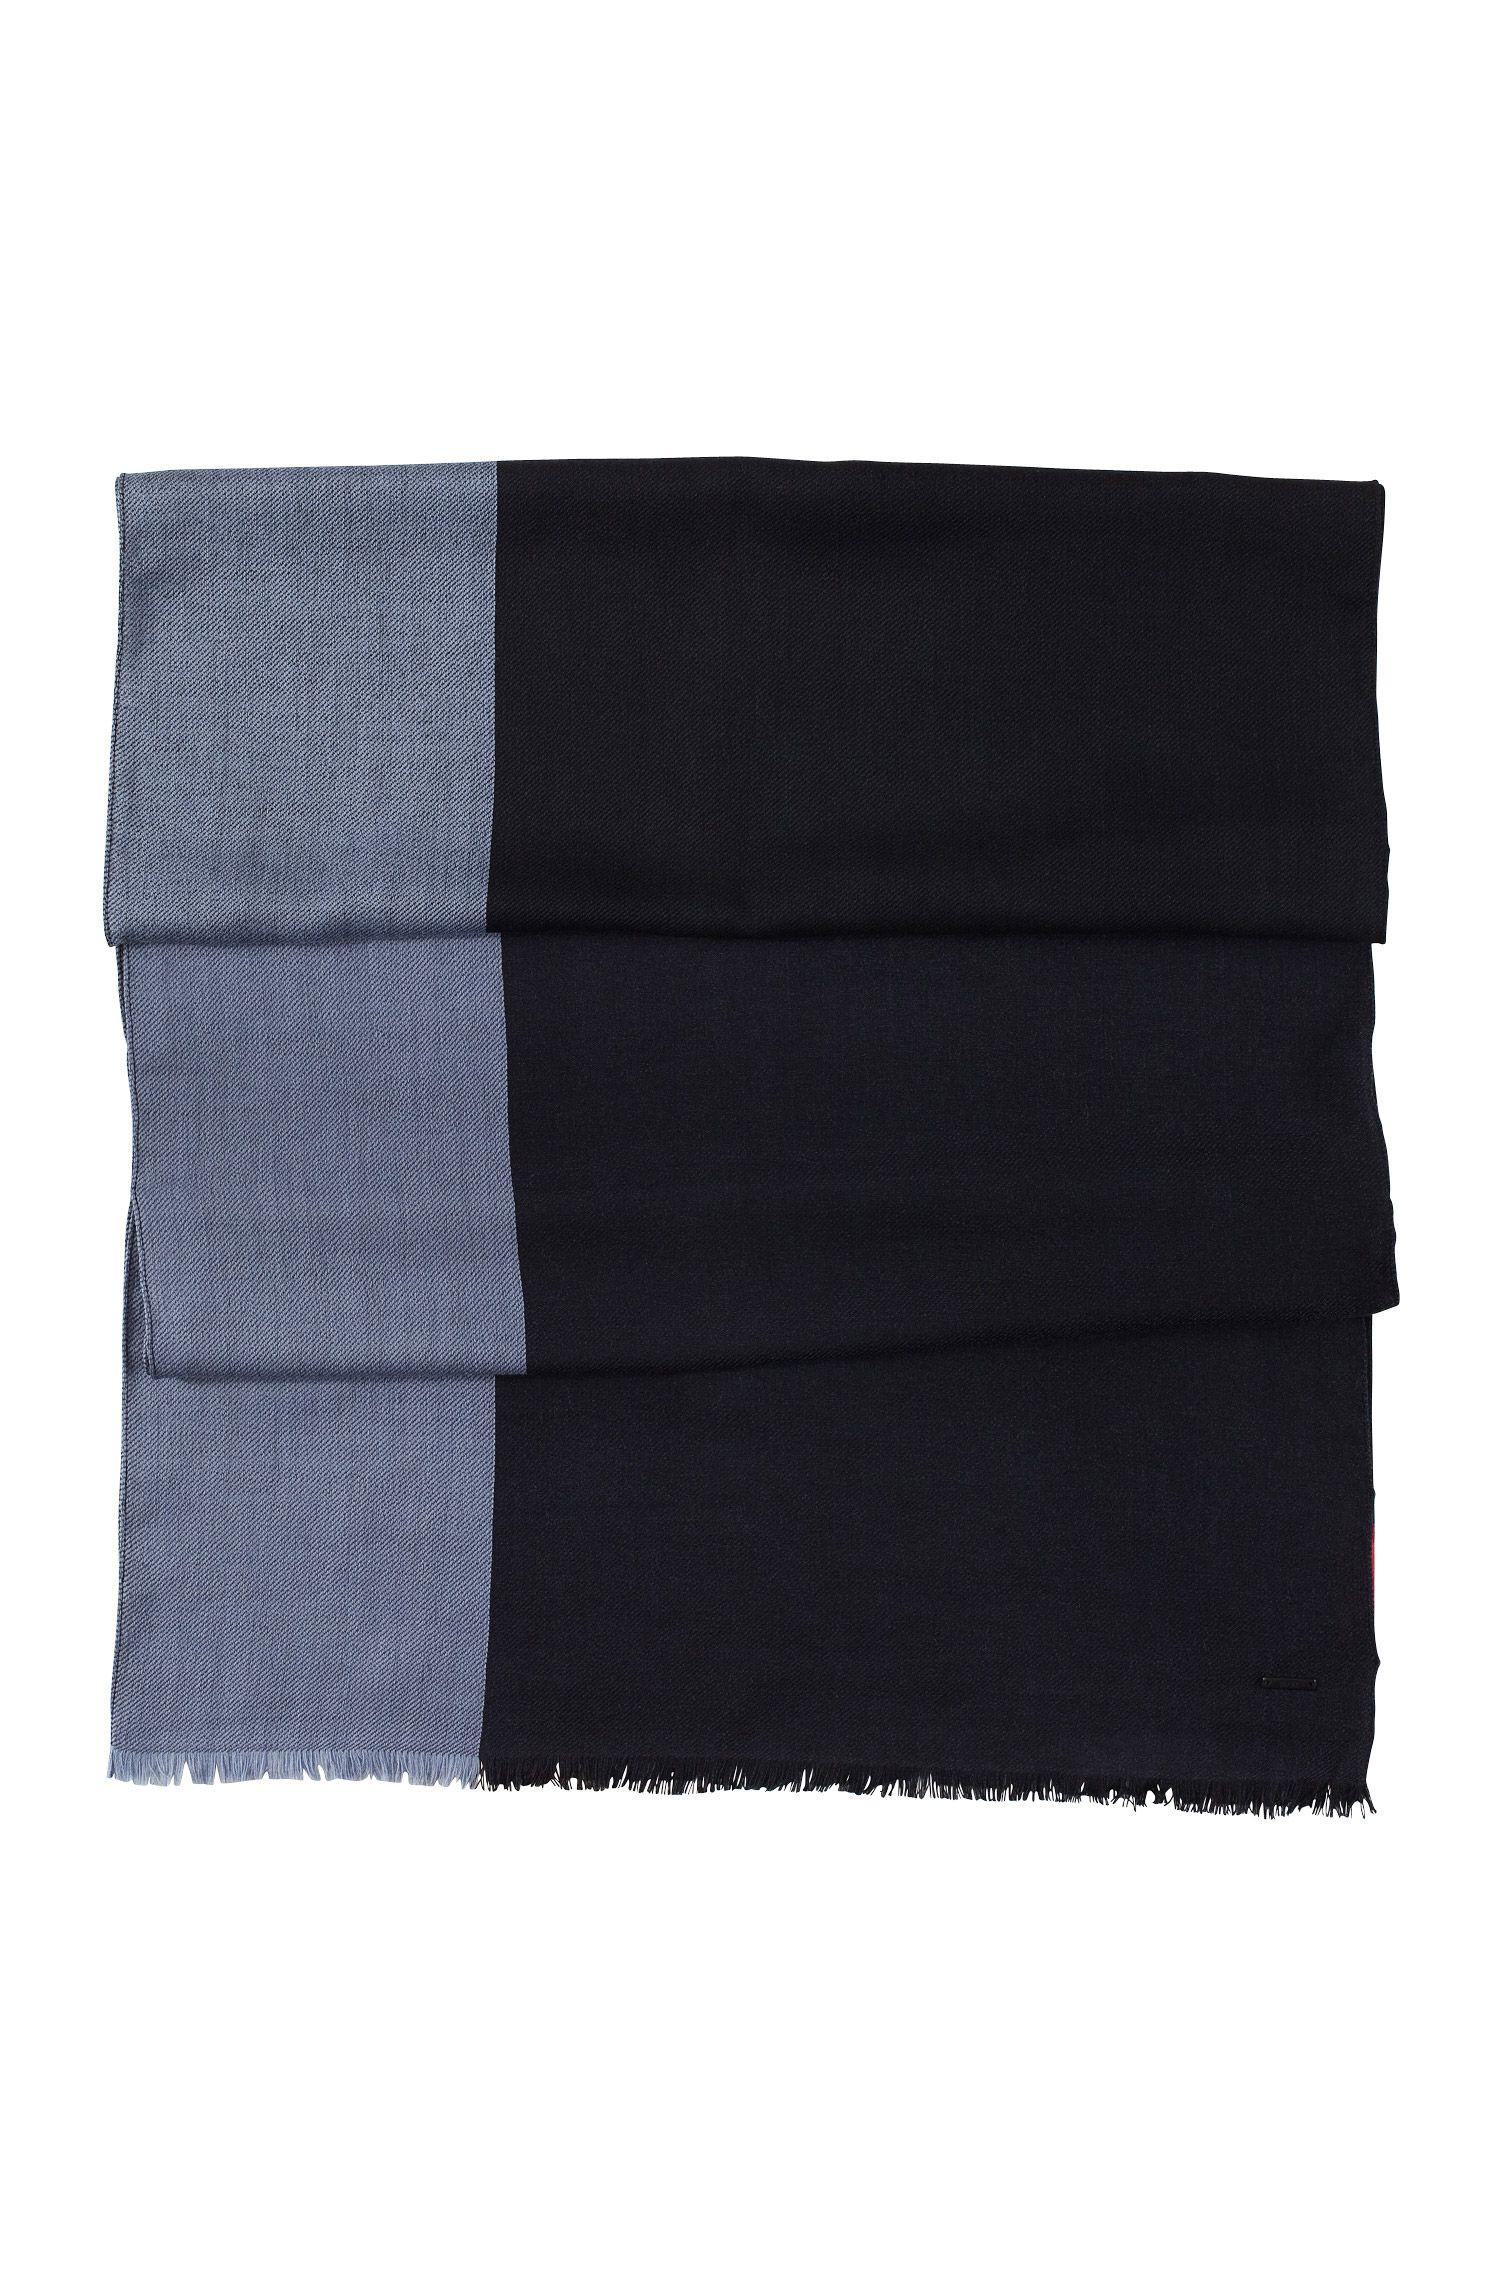 Designer-Schal ´Men-Z 301` aus reiner Wolle